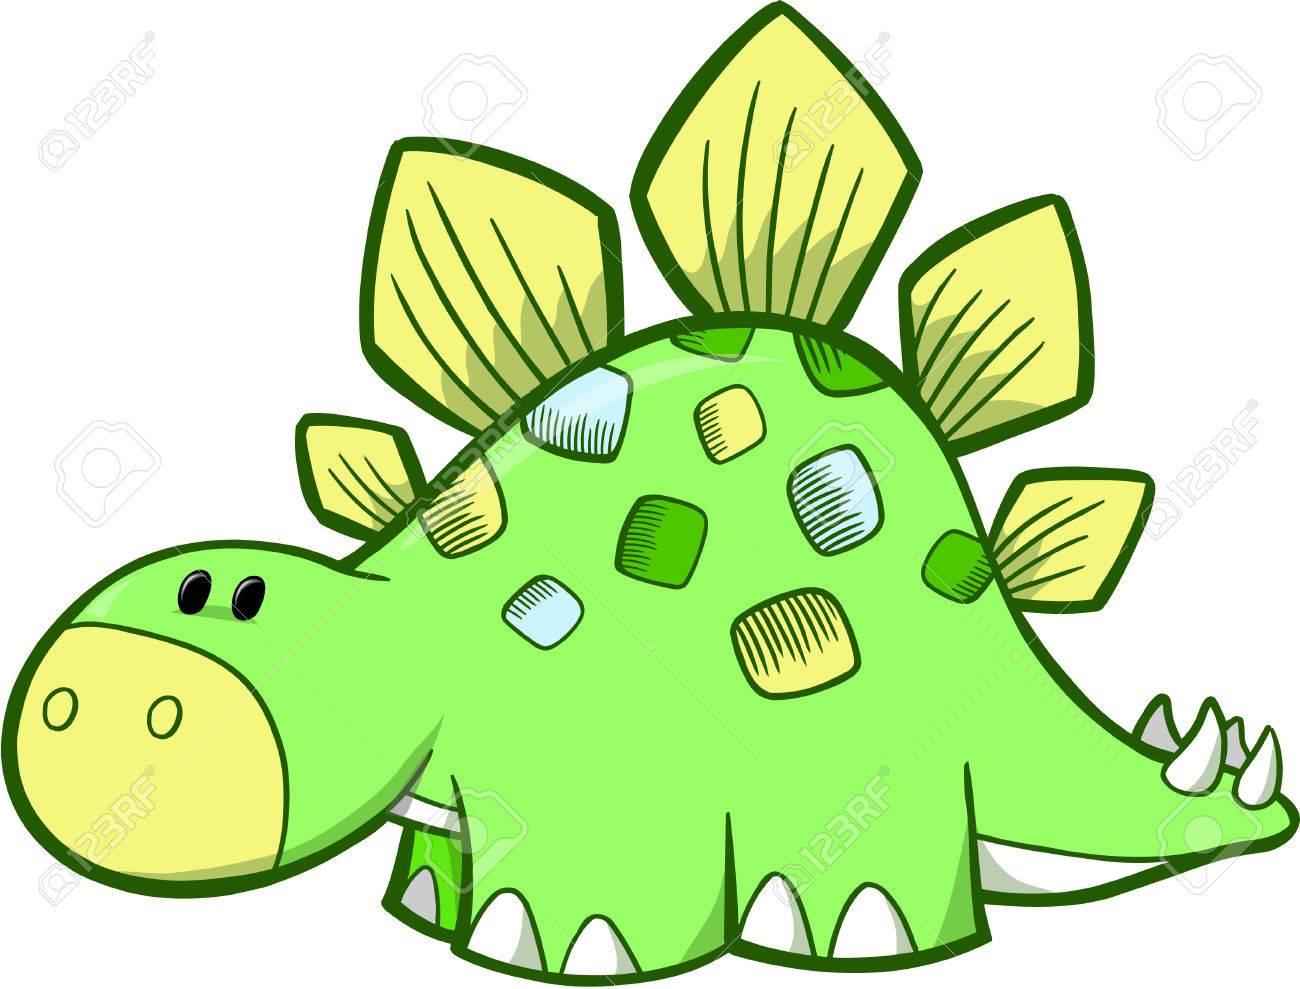 Stegosaurus Dinosaur Vector Illustration Stock Vector - 2134374